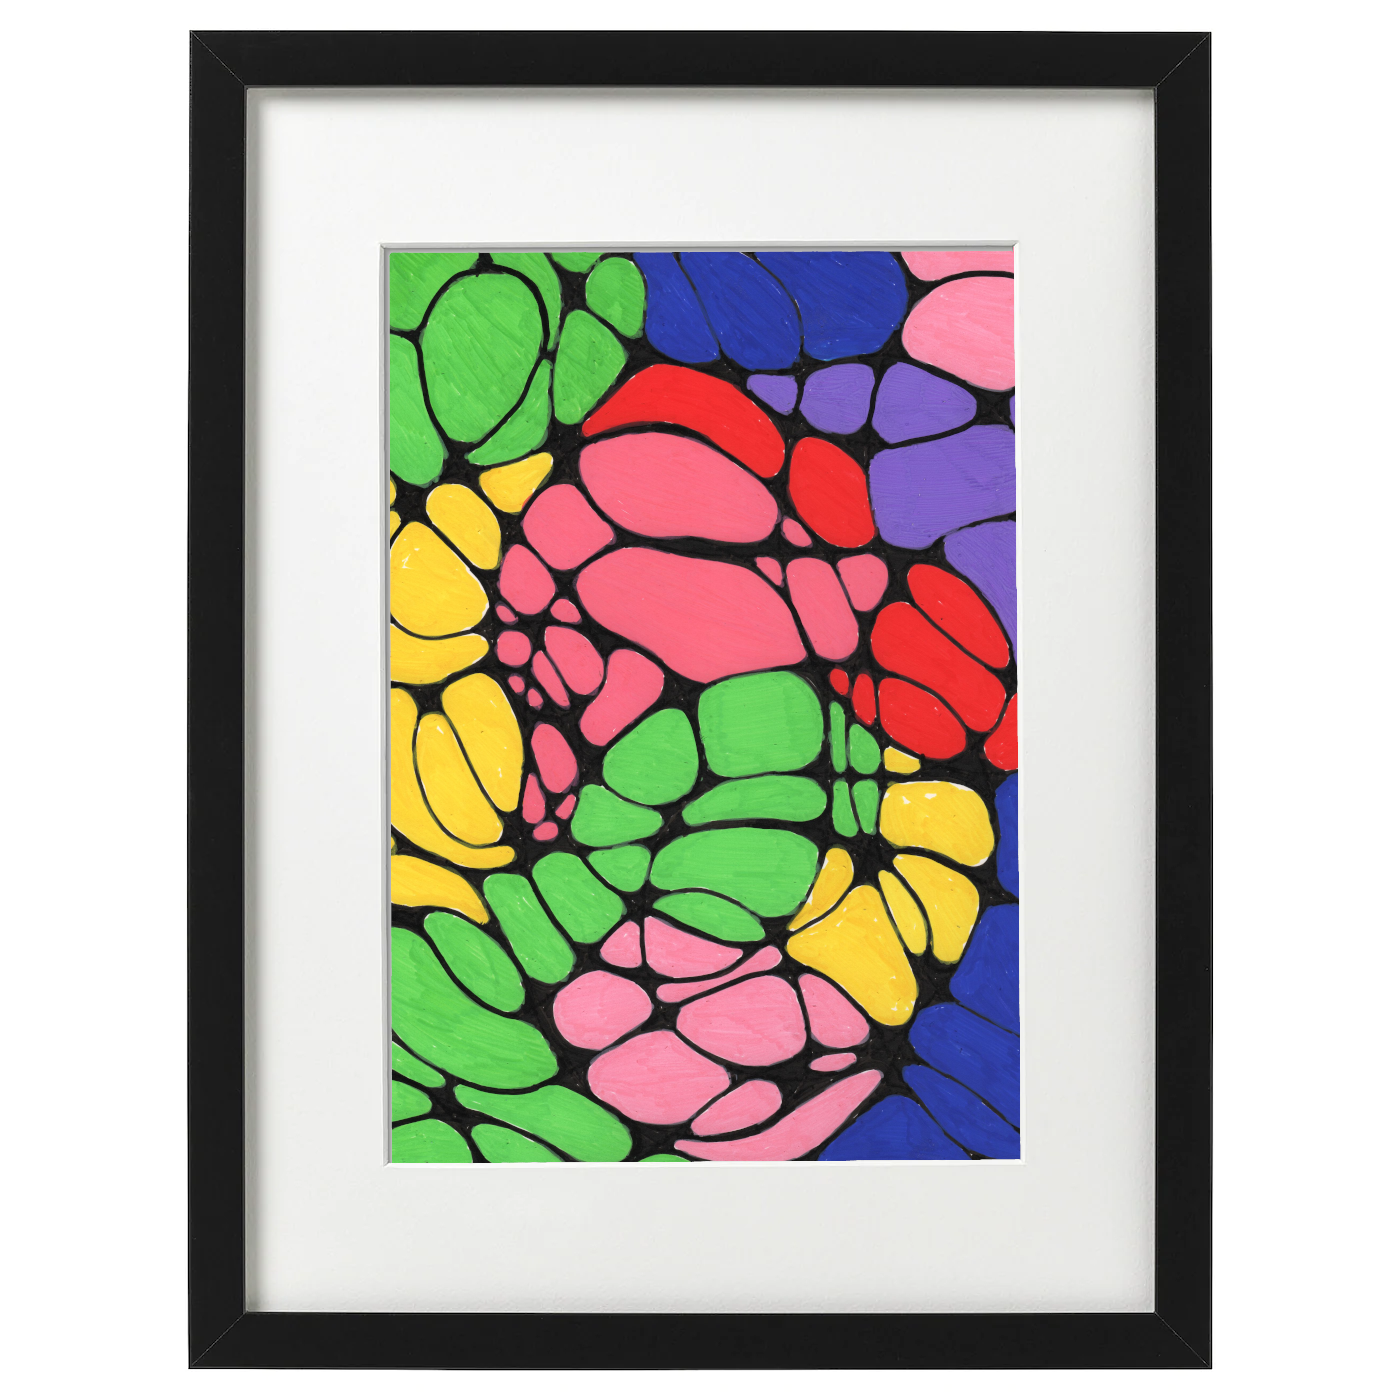 Neurographic art